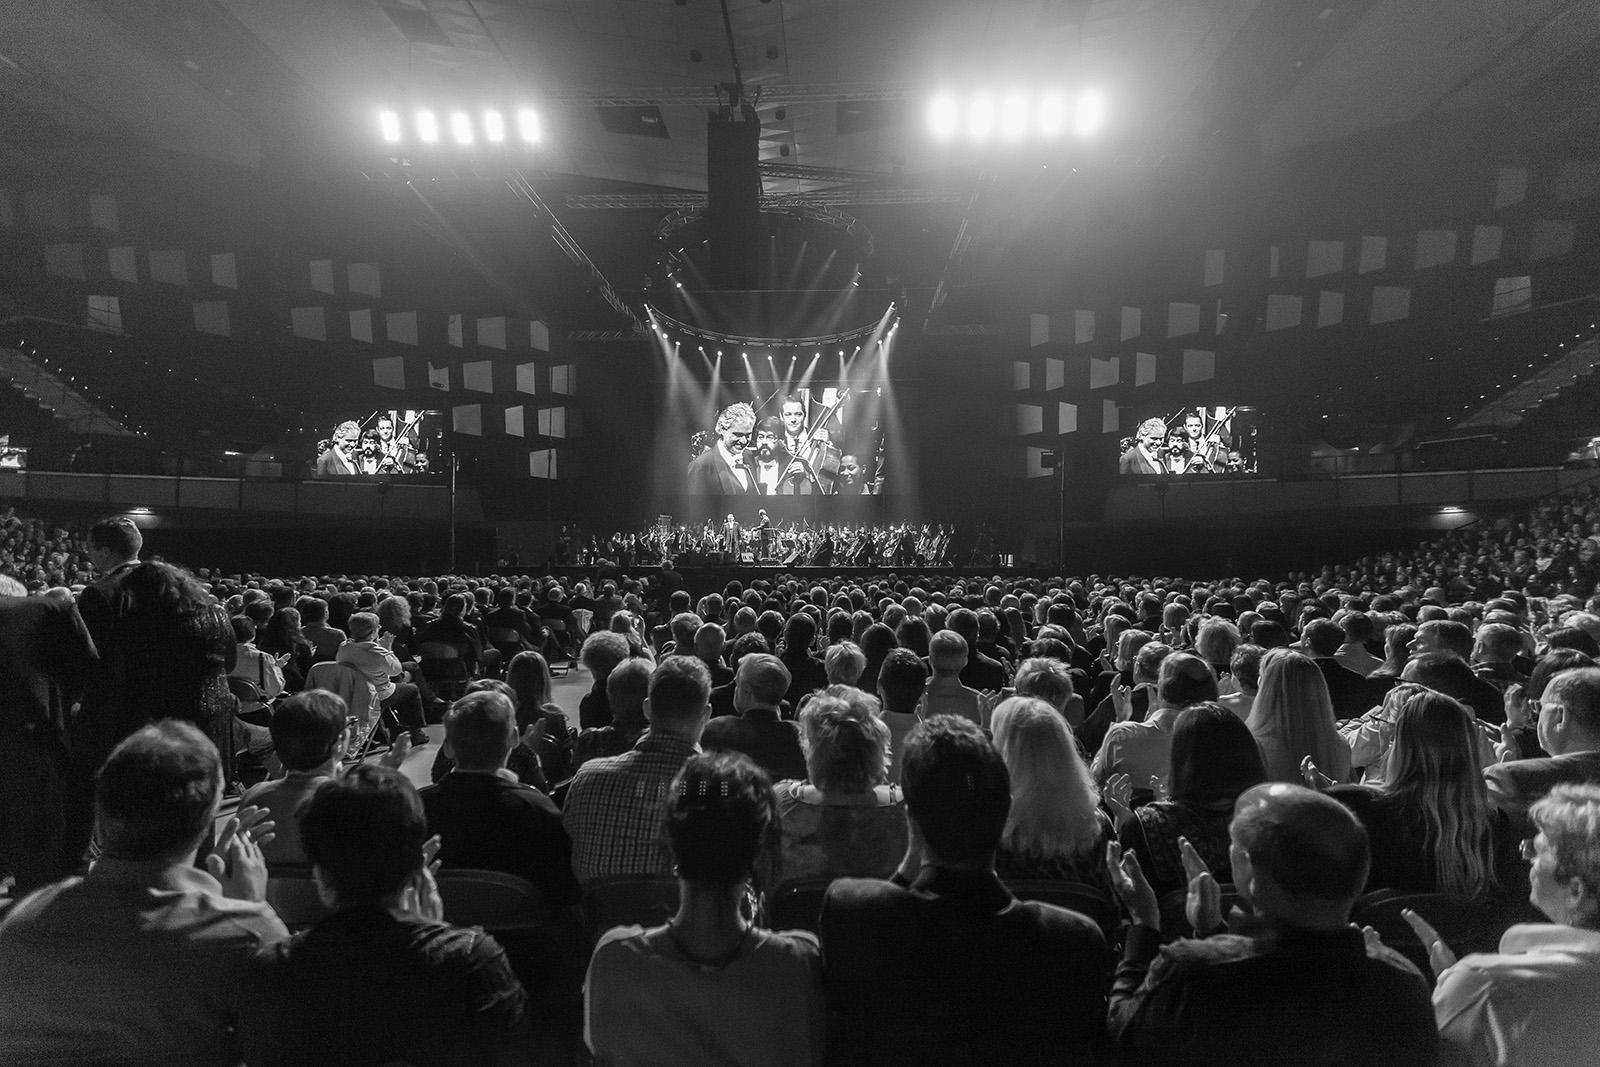 Andrea Bocelli auf der Bühne vor riesigem Publikum in schwarz weiss